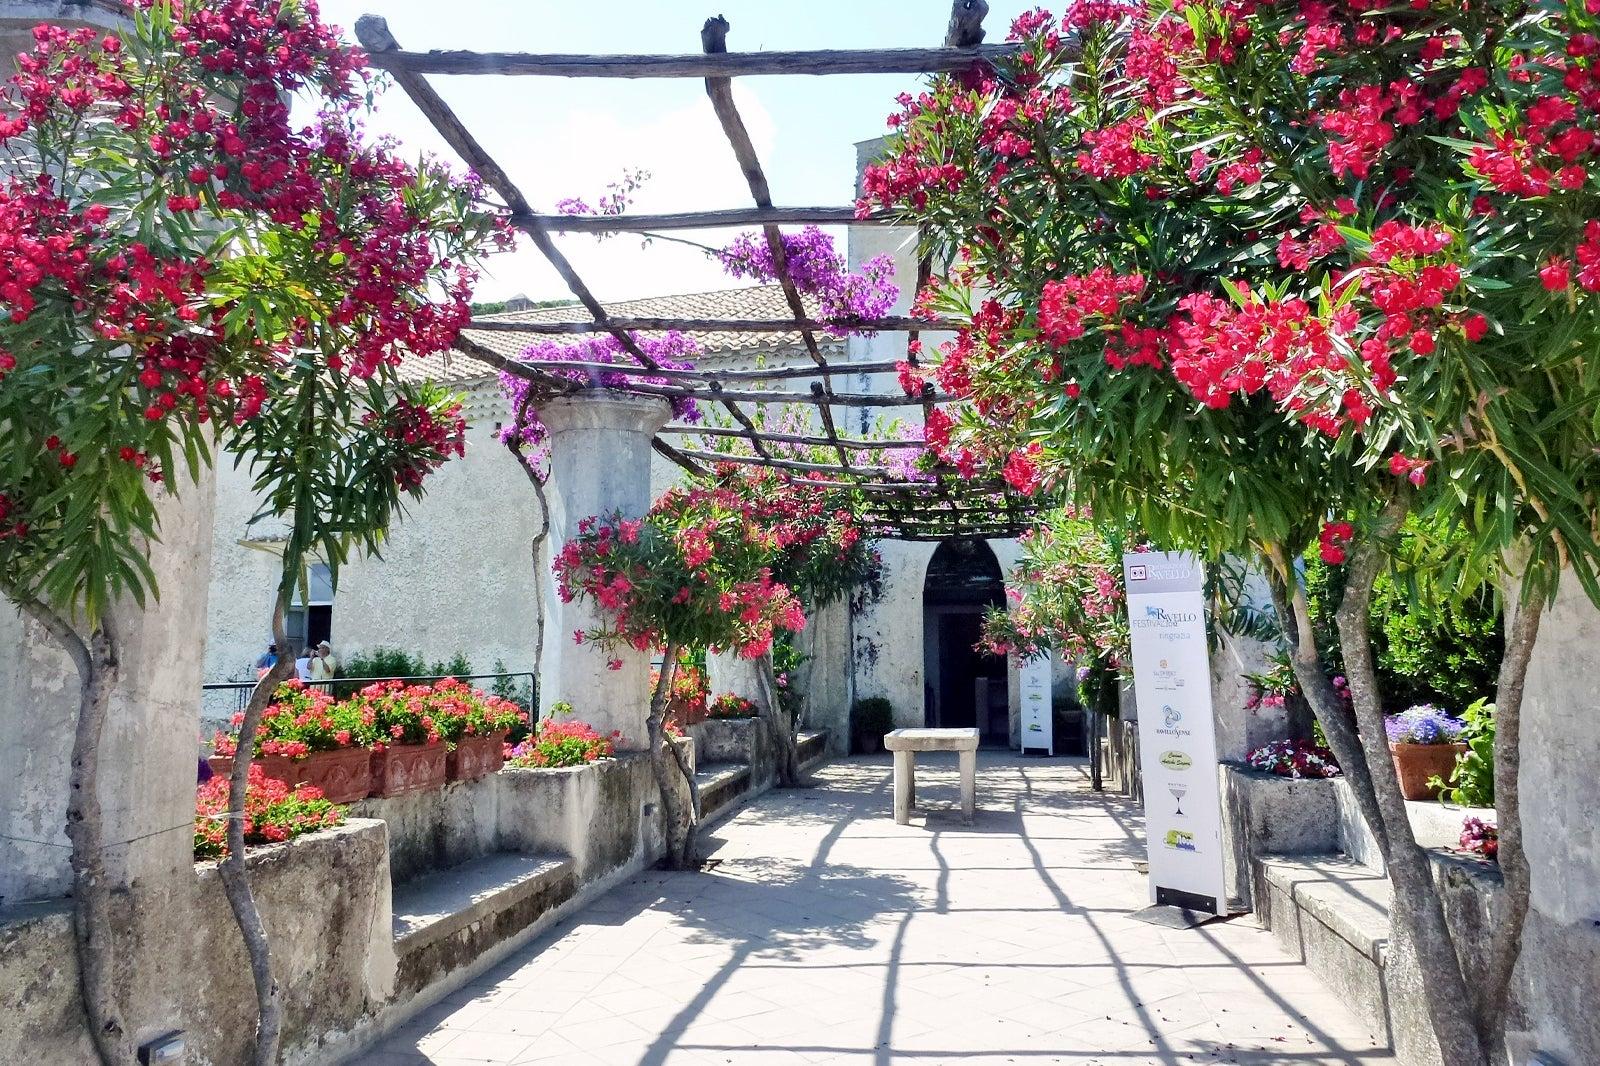 Viešbučiai Polla Italija – Viešbučiai in Polla – Viešbučių užsakymas - taksi123.lt